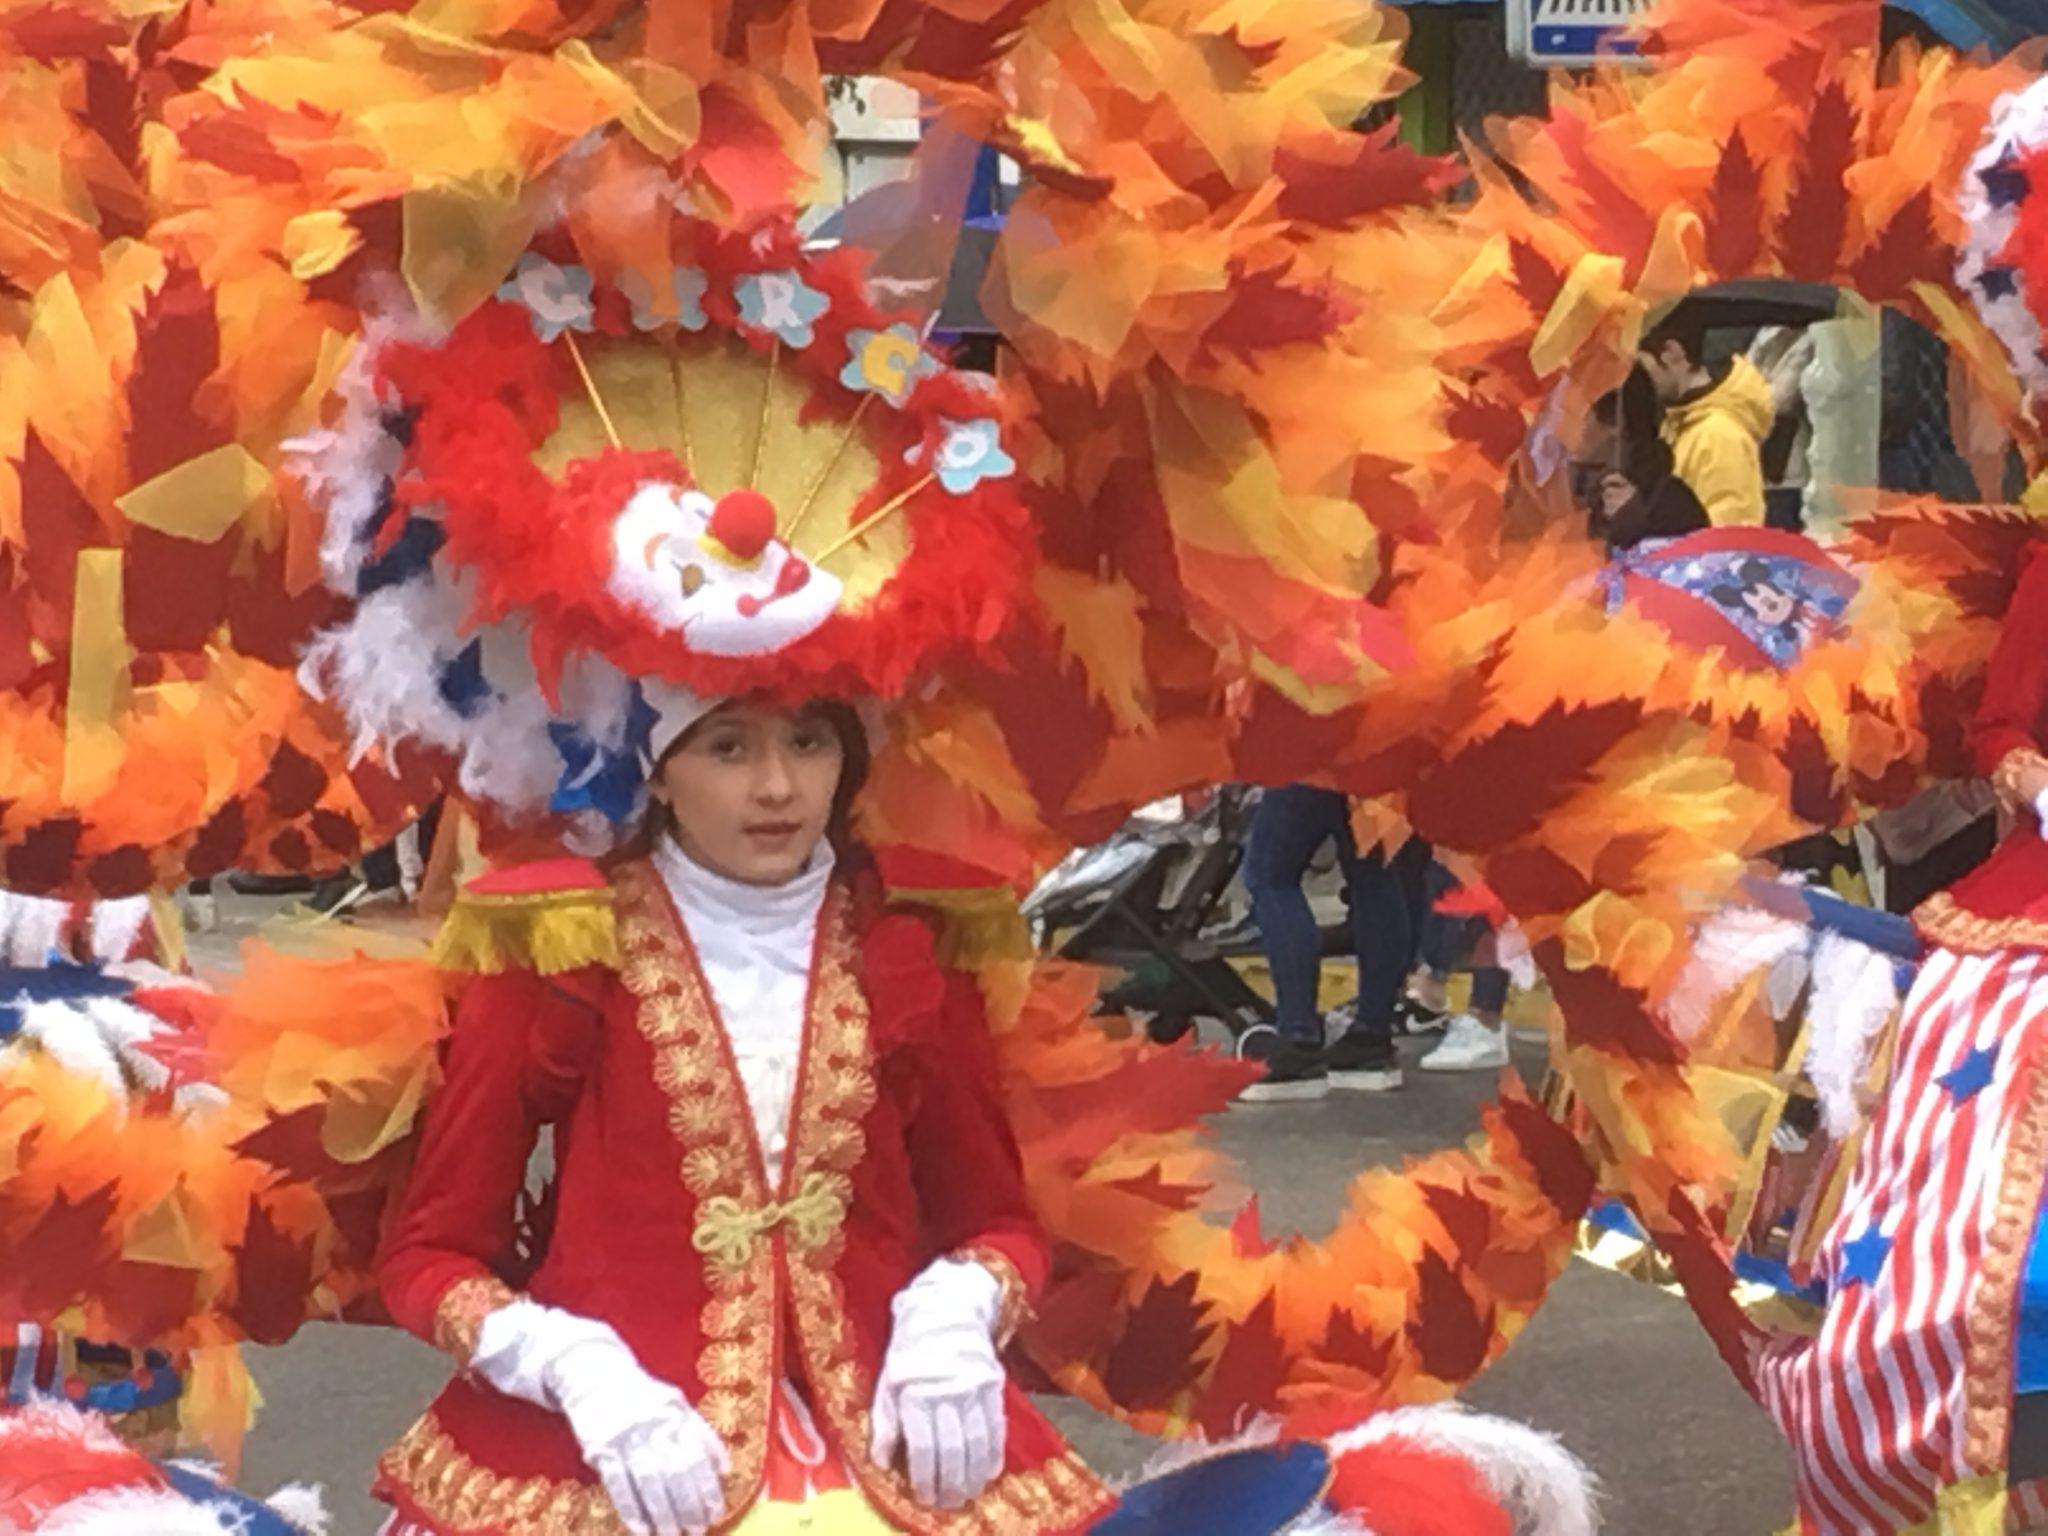 Álbum de fotos del martes de Carnaval 2019 en Ponferrada 18